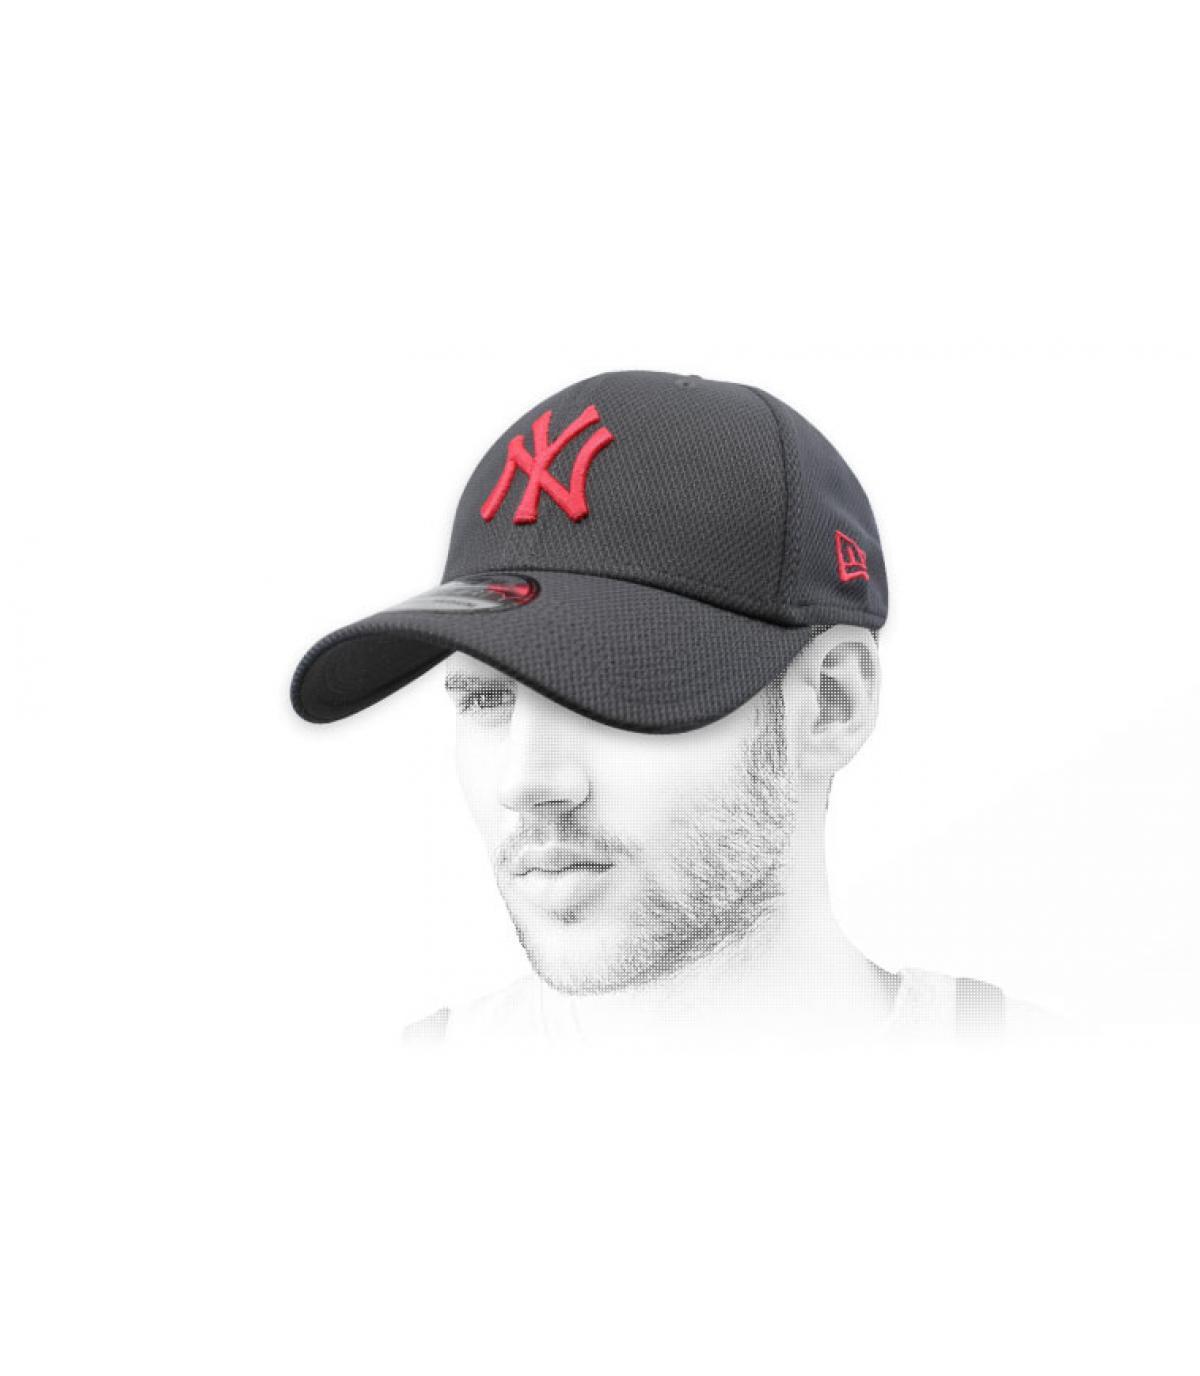 gorra NY gris rojo